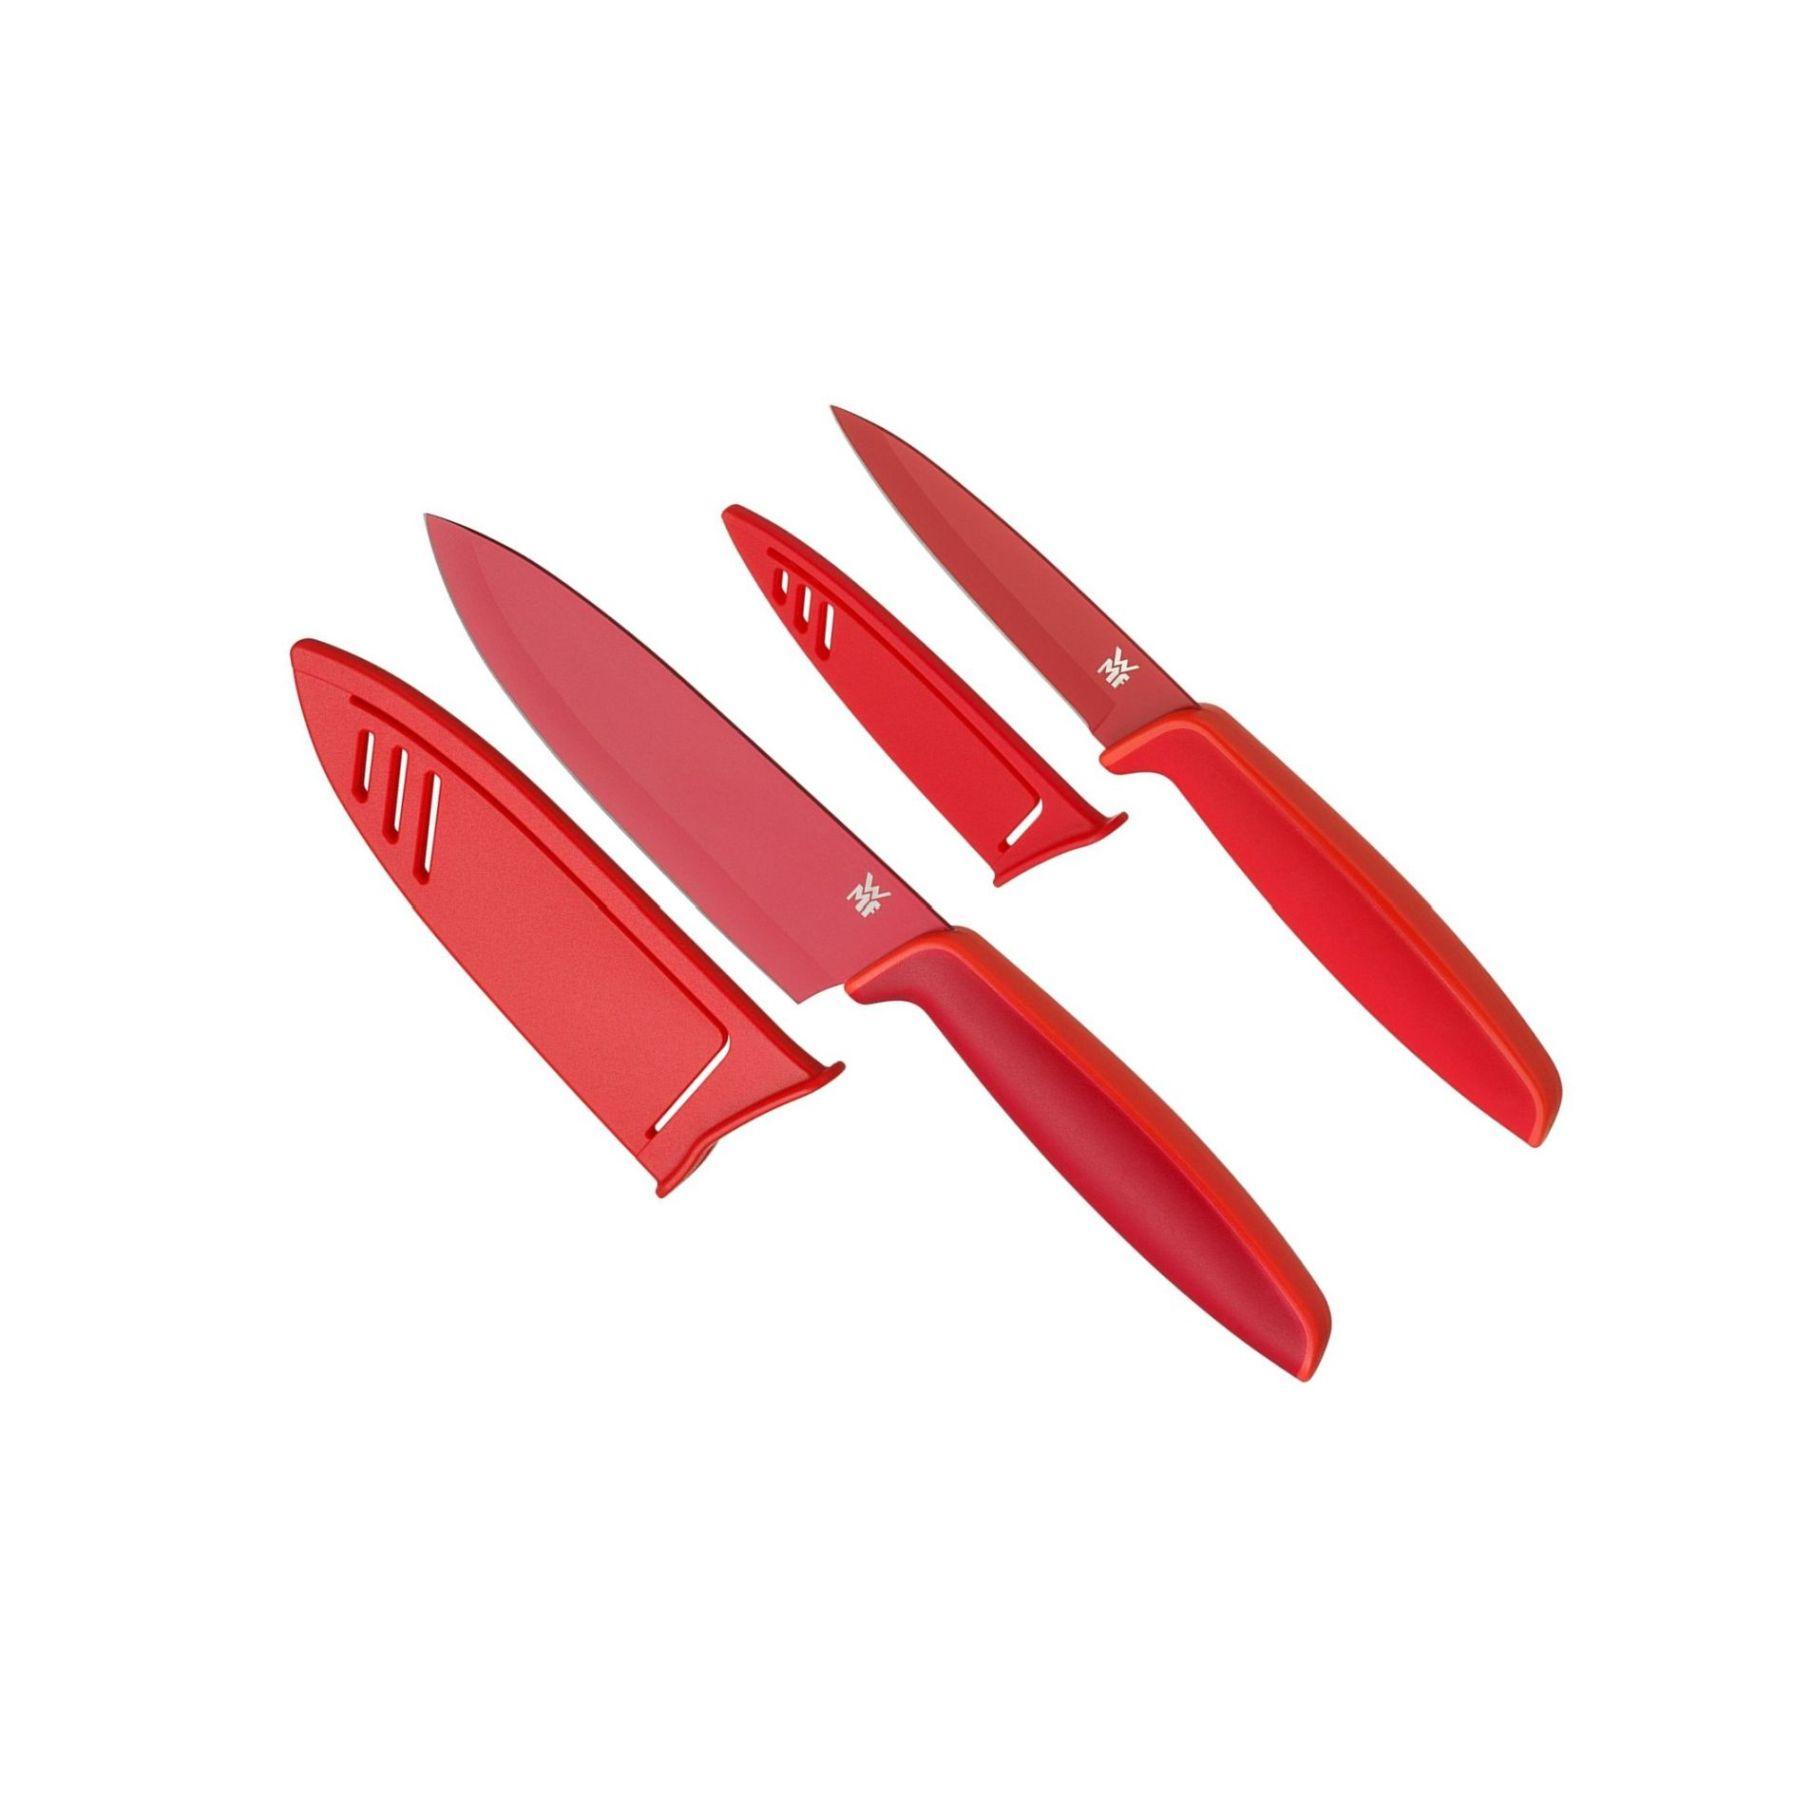 Set 2 ks kuchyňských nožů TOUCH, červený - WMF